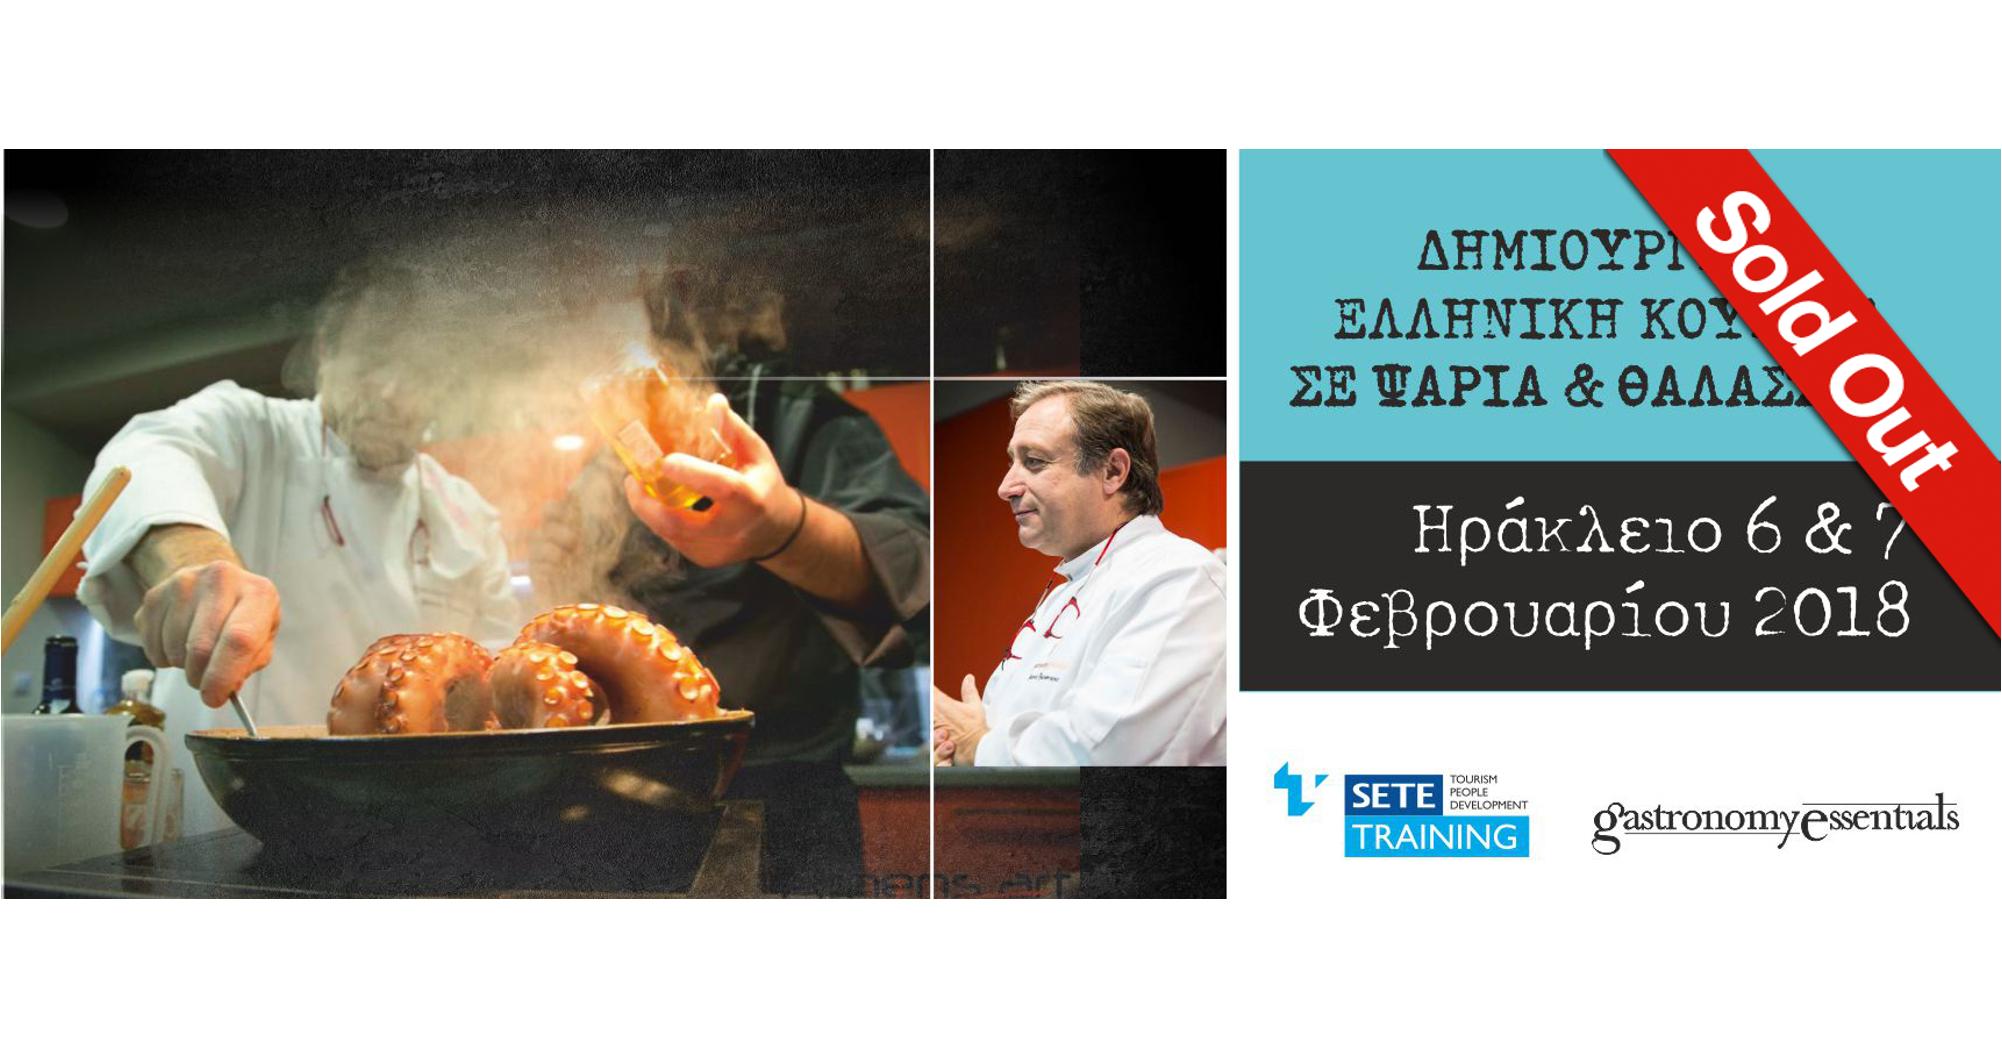 Δημιουργική Ελληνική Κουζίνα σε Ψάρια & Θαλασσινά - Ηράκλειο Κρήτης